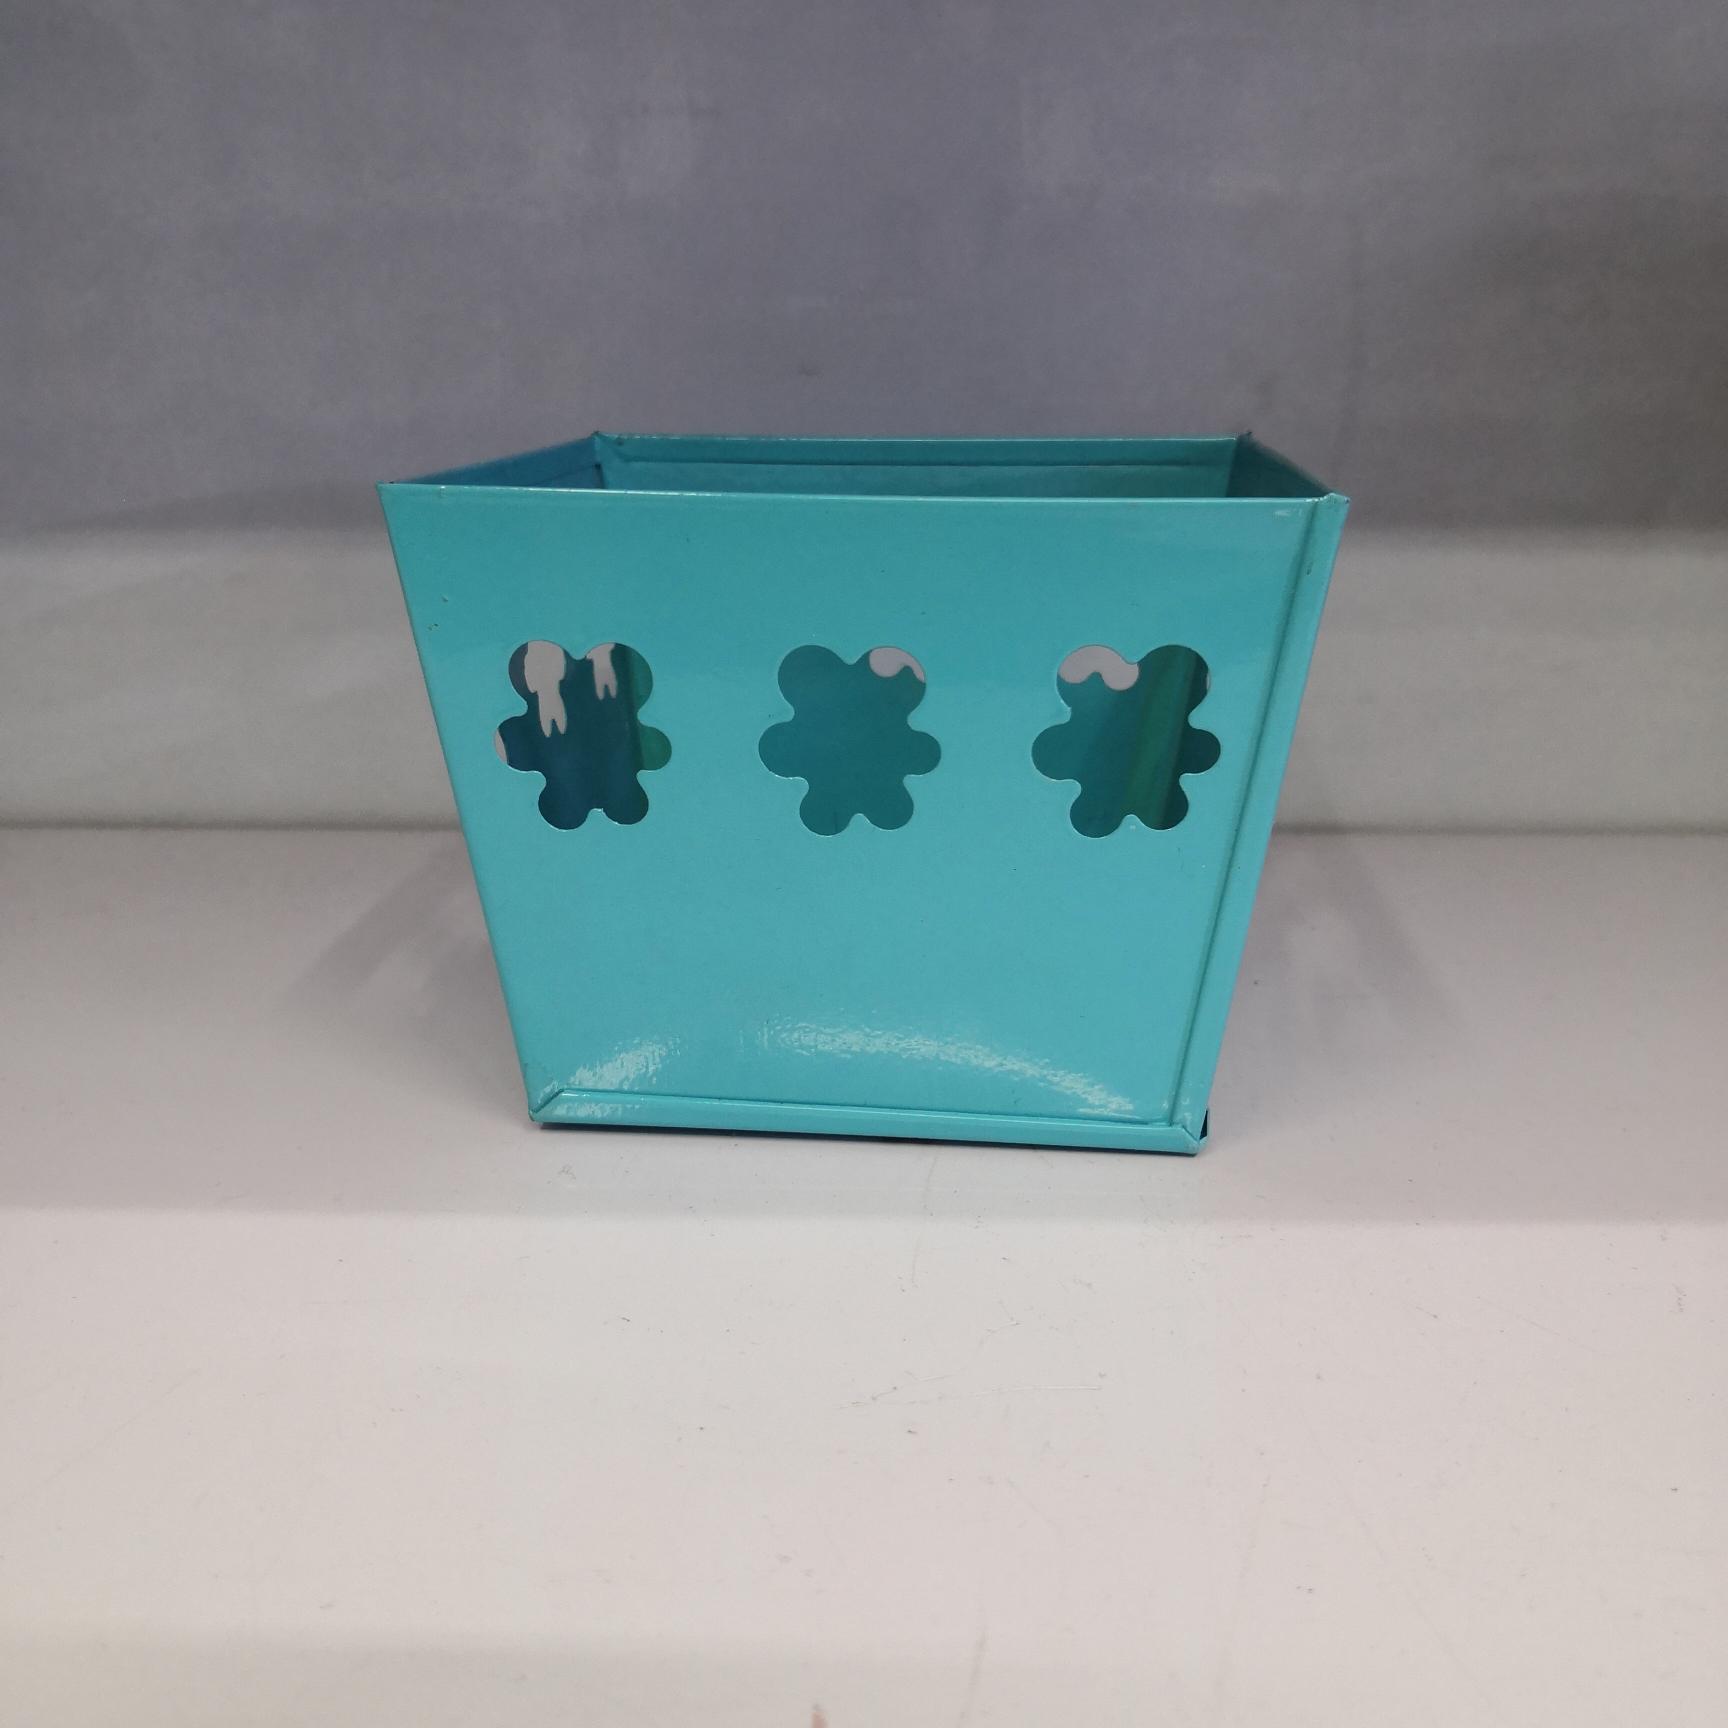 四方镂空铁皮桶蓝